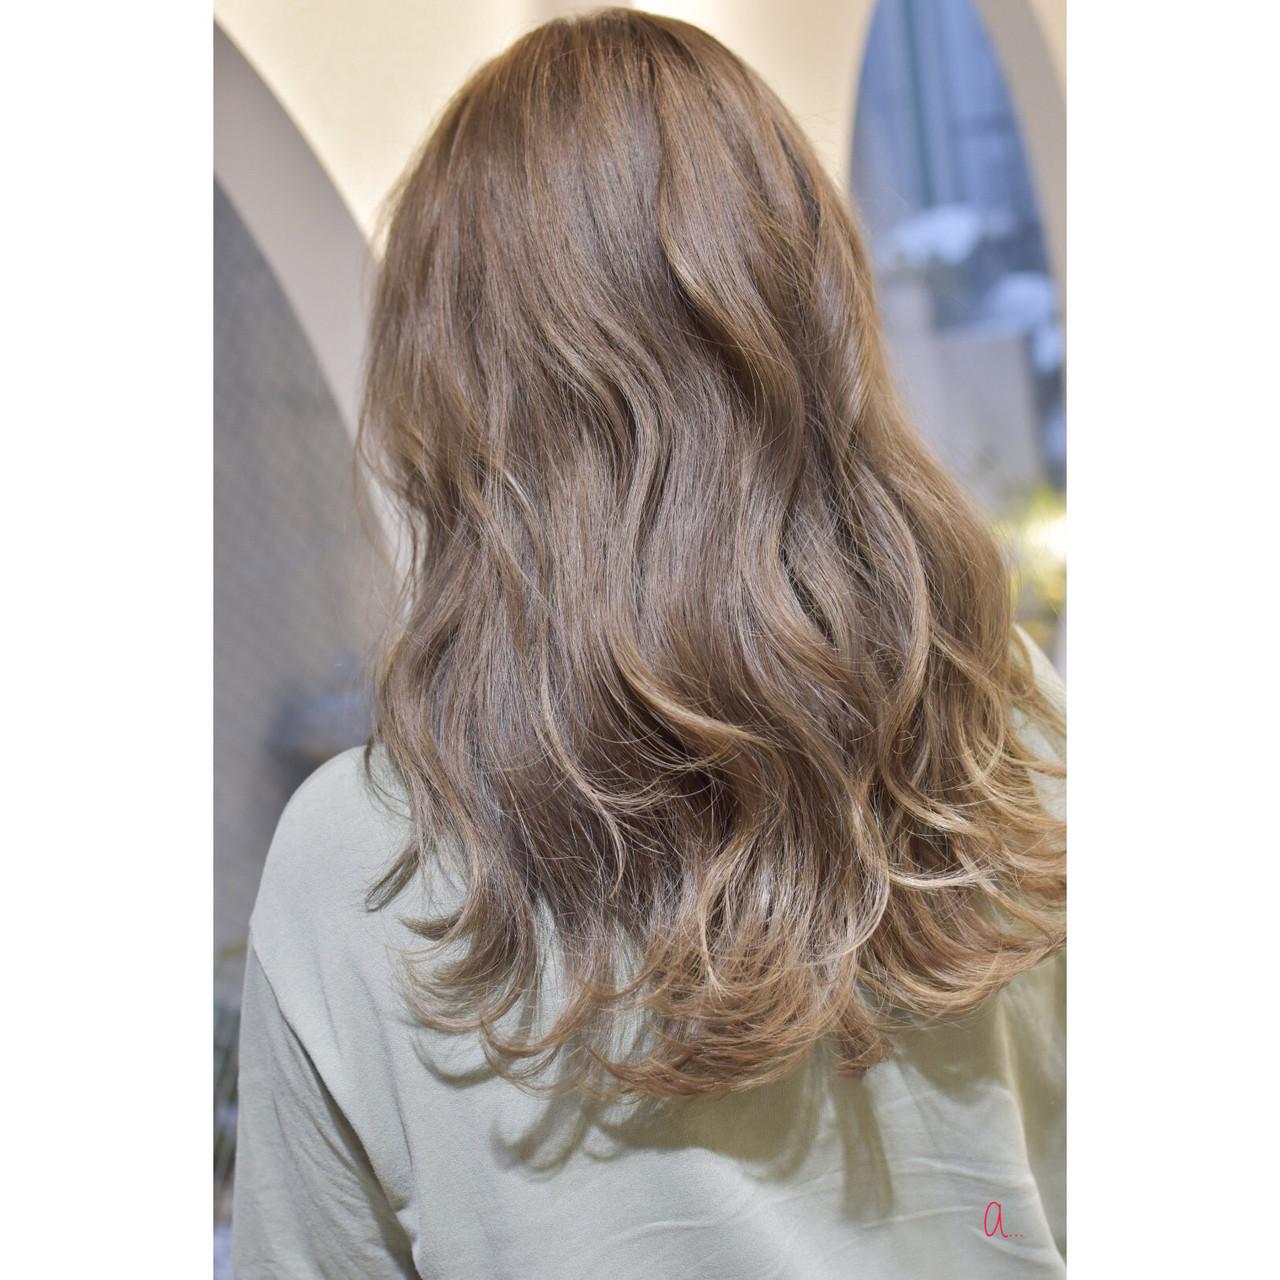 アッシュベージュ ダブルカラー アッシュグレージュ アッシュ ヘアスタイルや髪型の写真・画像